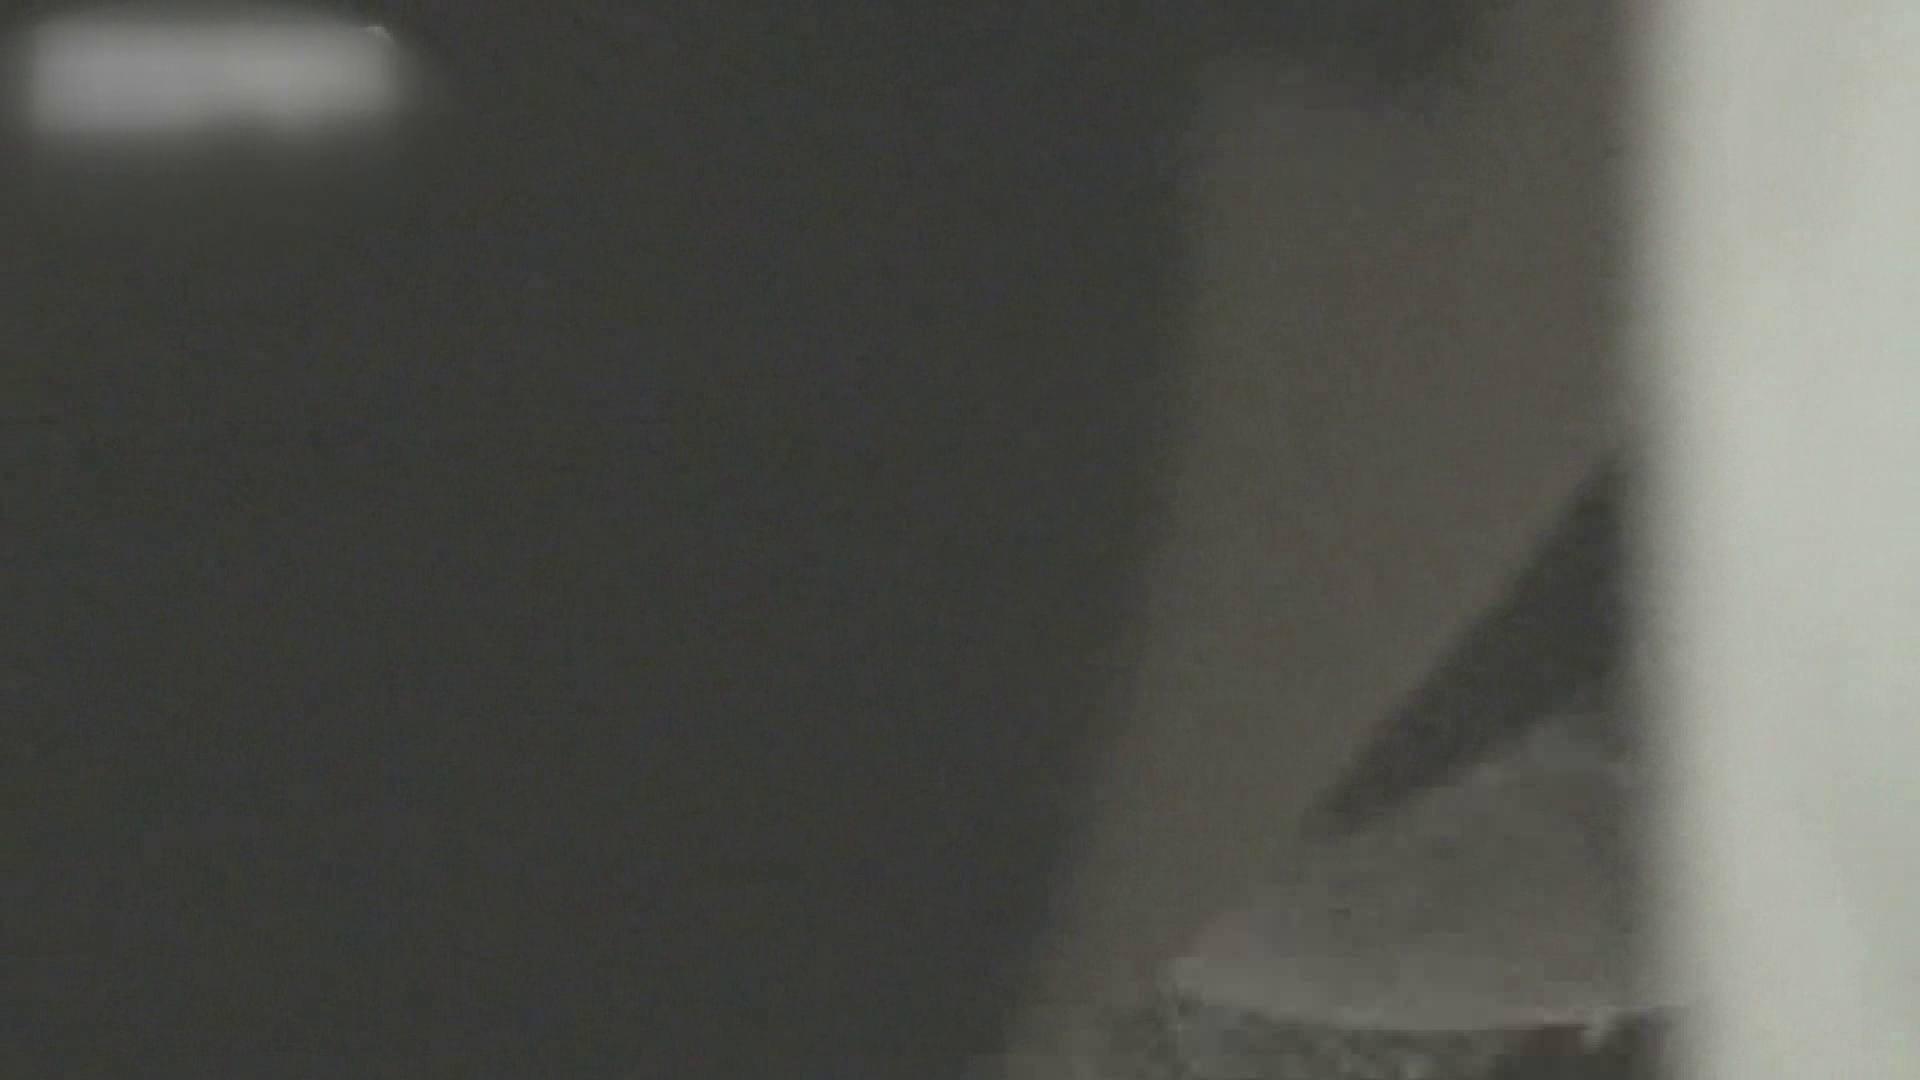 ロックハンドさんの盗撮記録File.34 マンコ | 盗撮  77pic 18